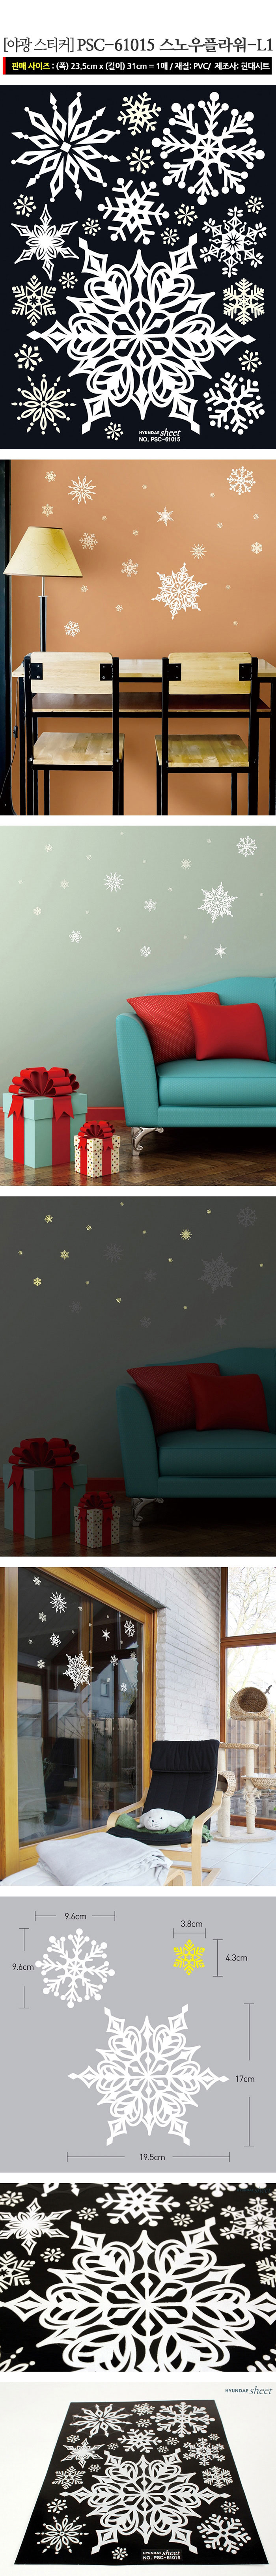 야광 눈꽃 크리스마스 야광 스티커 - 케이알인터내셔날, 4,000원, 월데코스티커, 계절/시즌